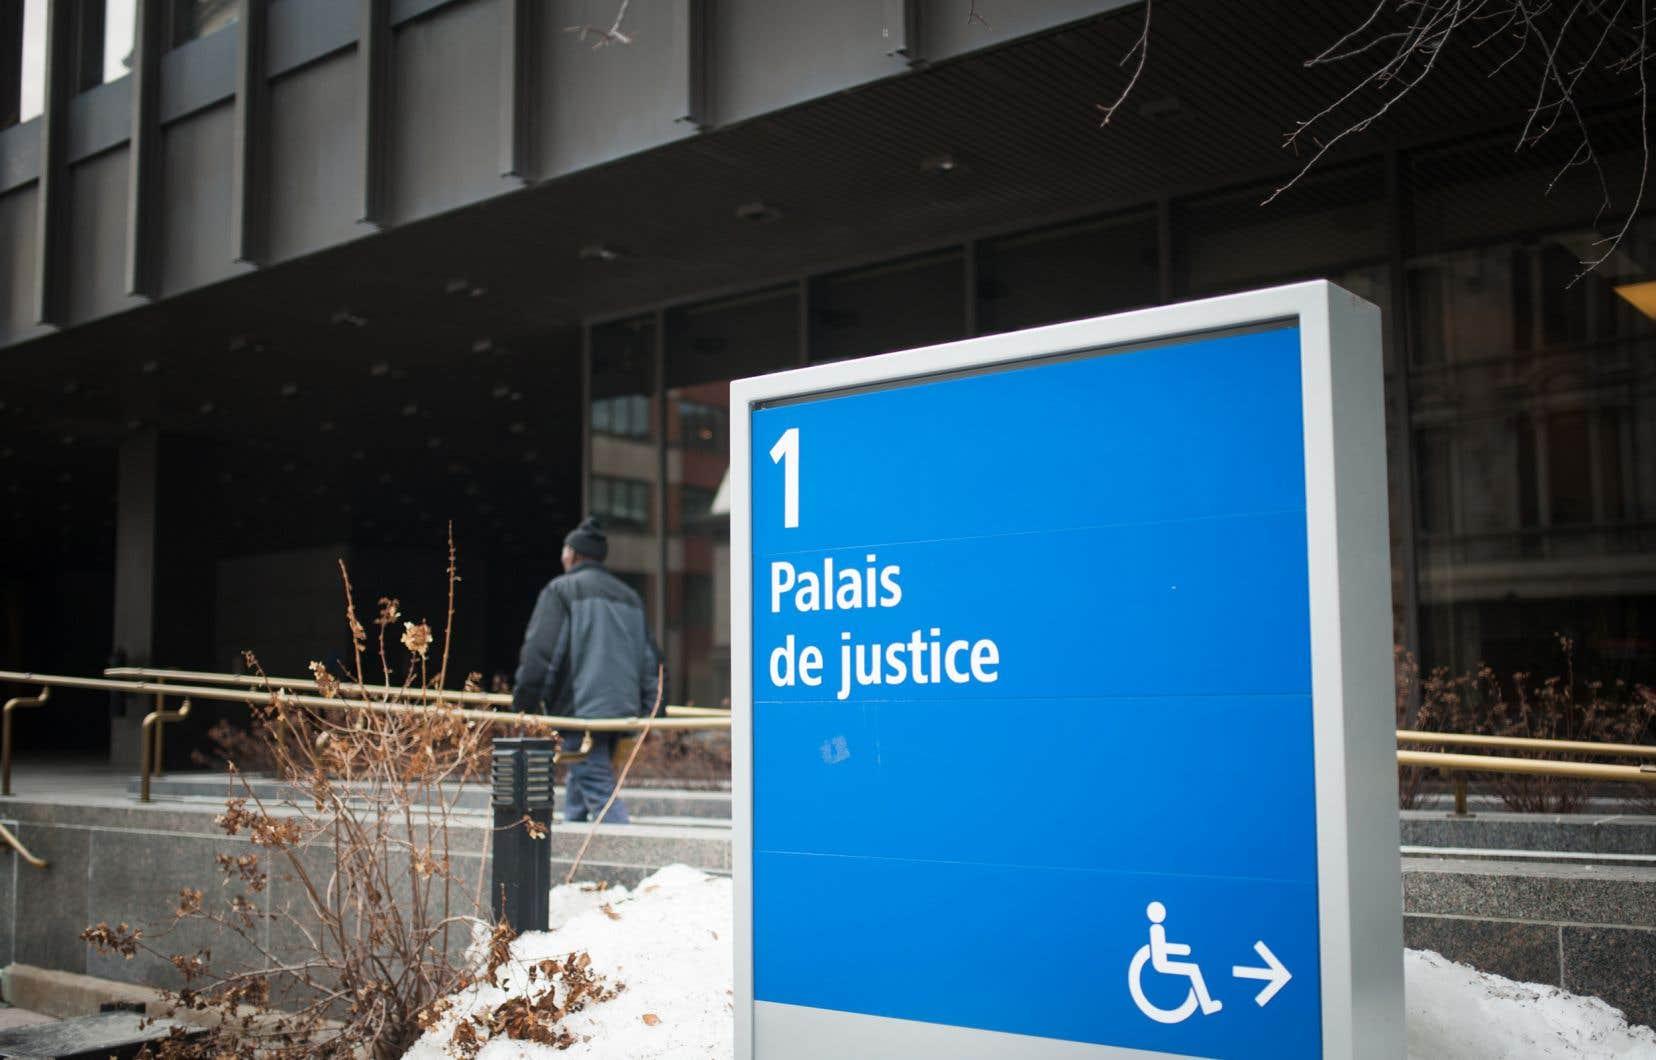 Trois ans après l'autorisation d'une action collective, la Cour supérieure du Québec a commencé mardi à entendre des témoins dans le cadre d'un exercice prévu sur neuf jours.